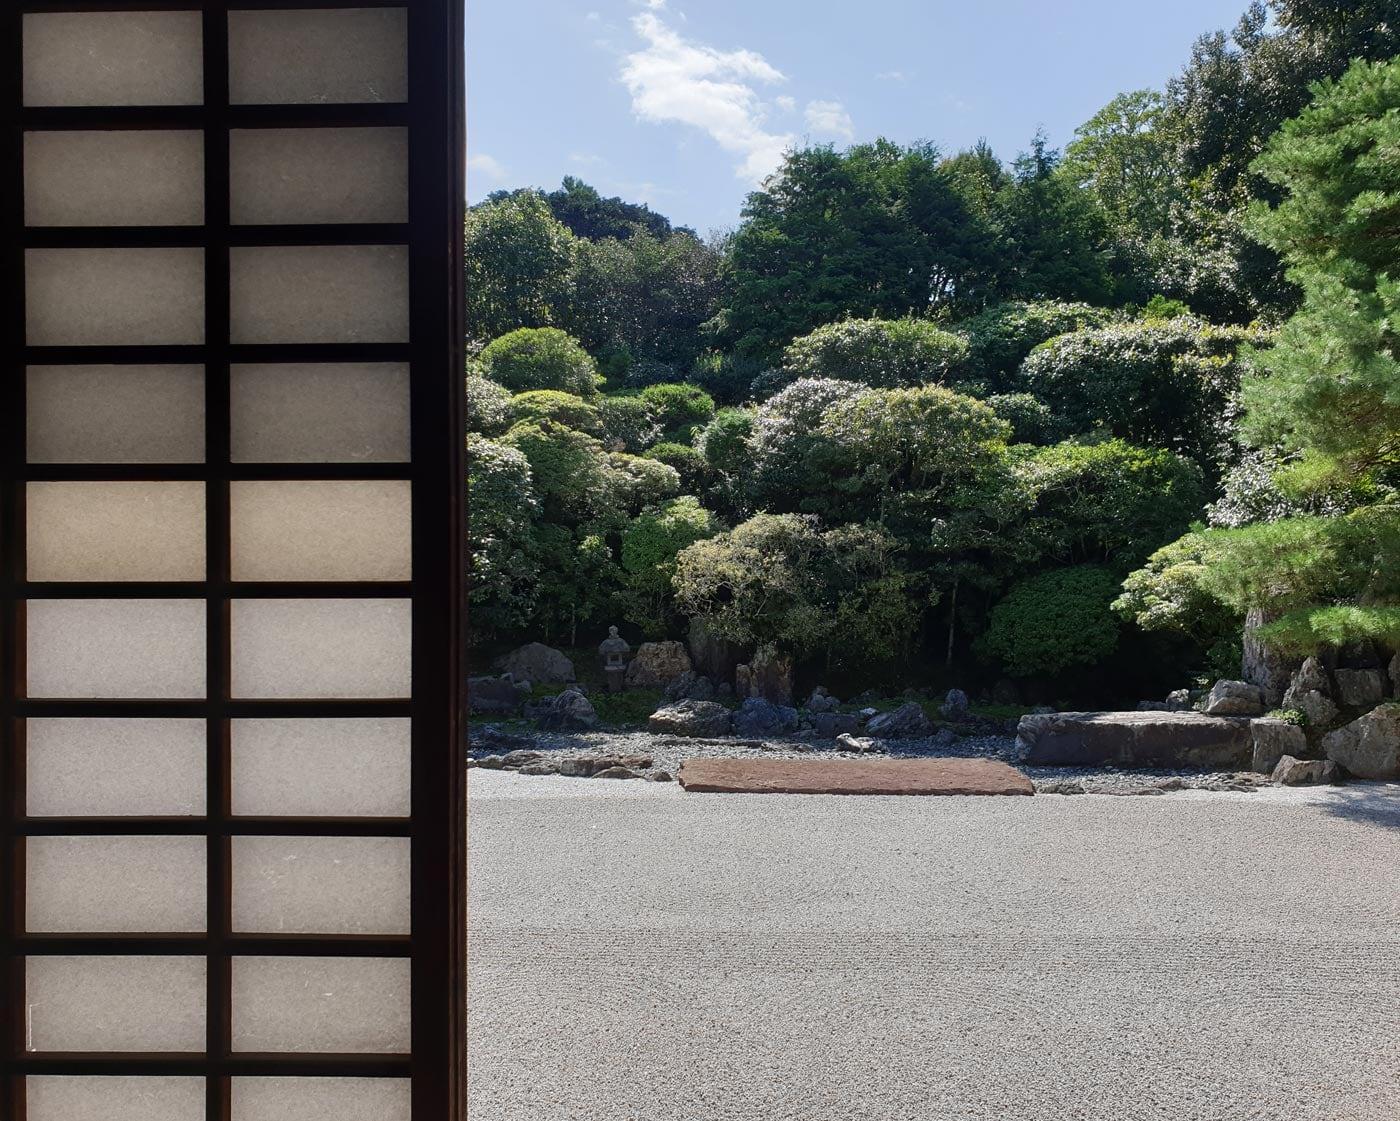 Japanreise mit Baby: Toller Ausblick // HIMBEER